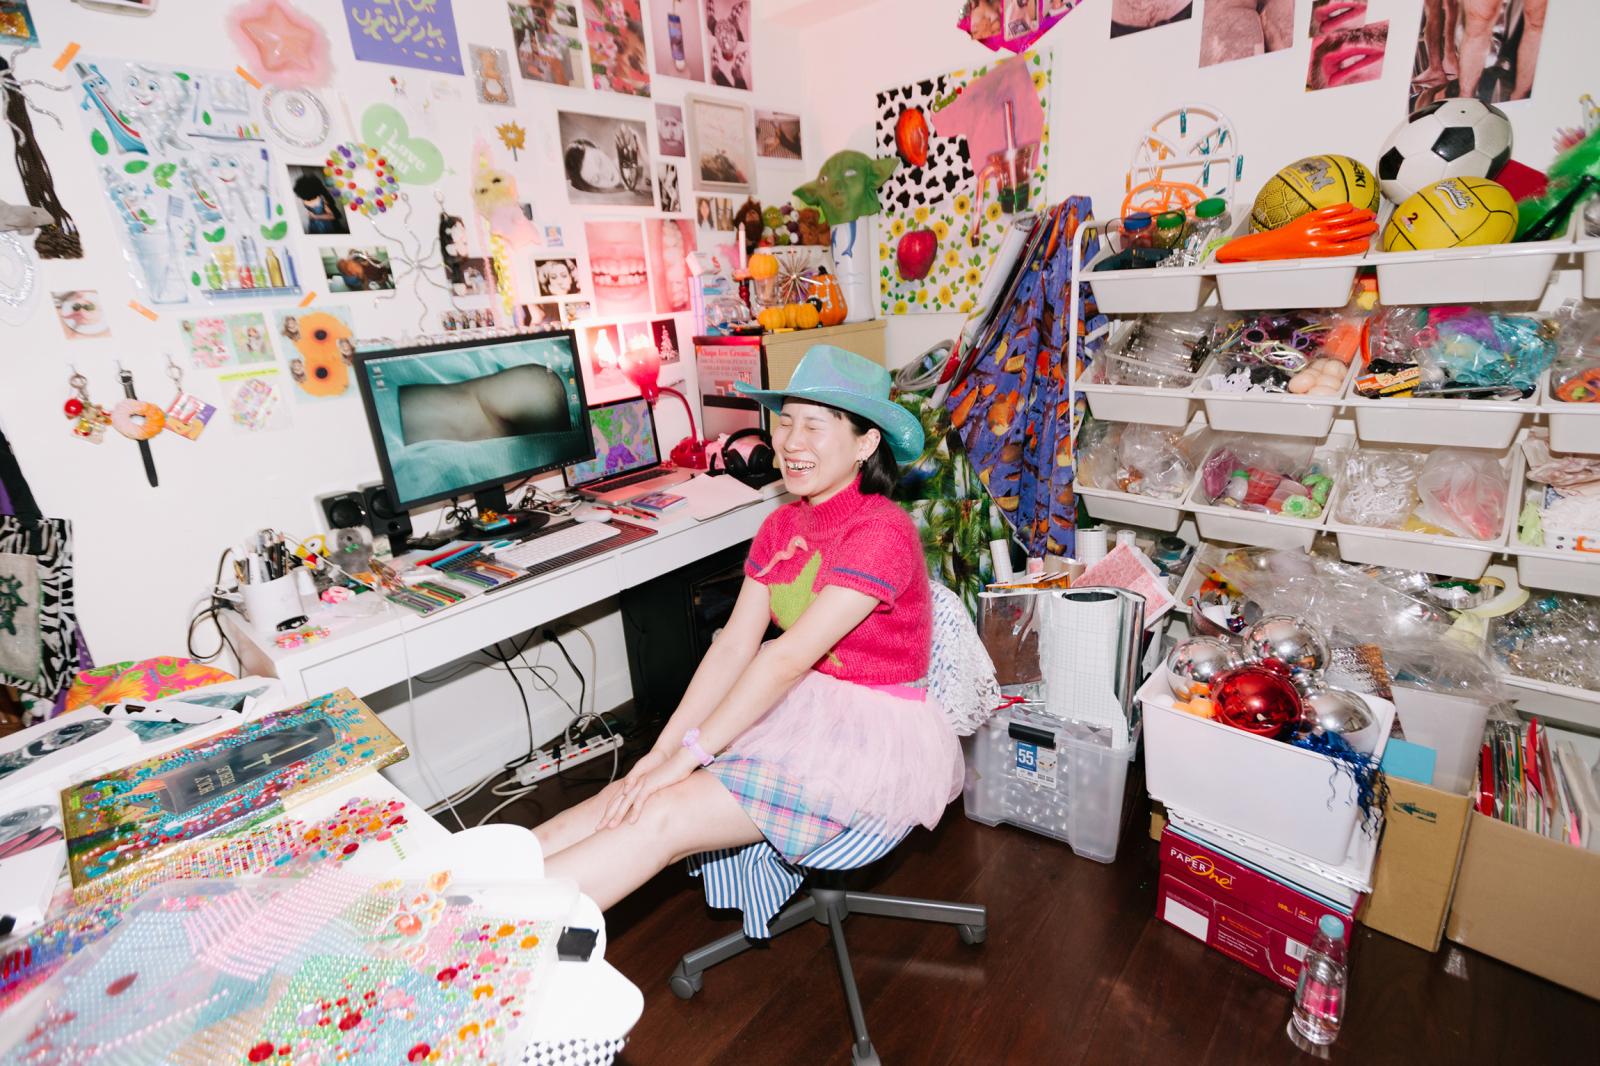 亂有才華的|Filthy is beautiful. 我想要更多漂亮的廢物——專訪藝術家吳美琪